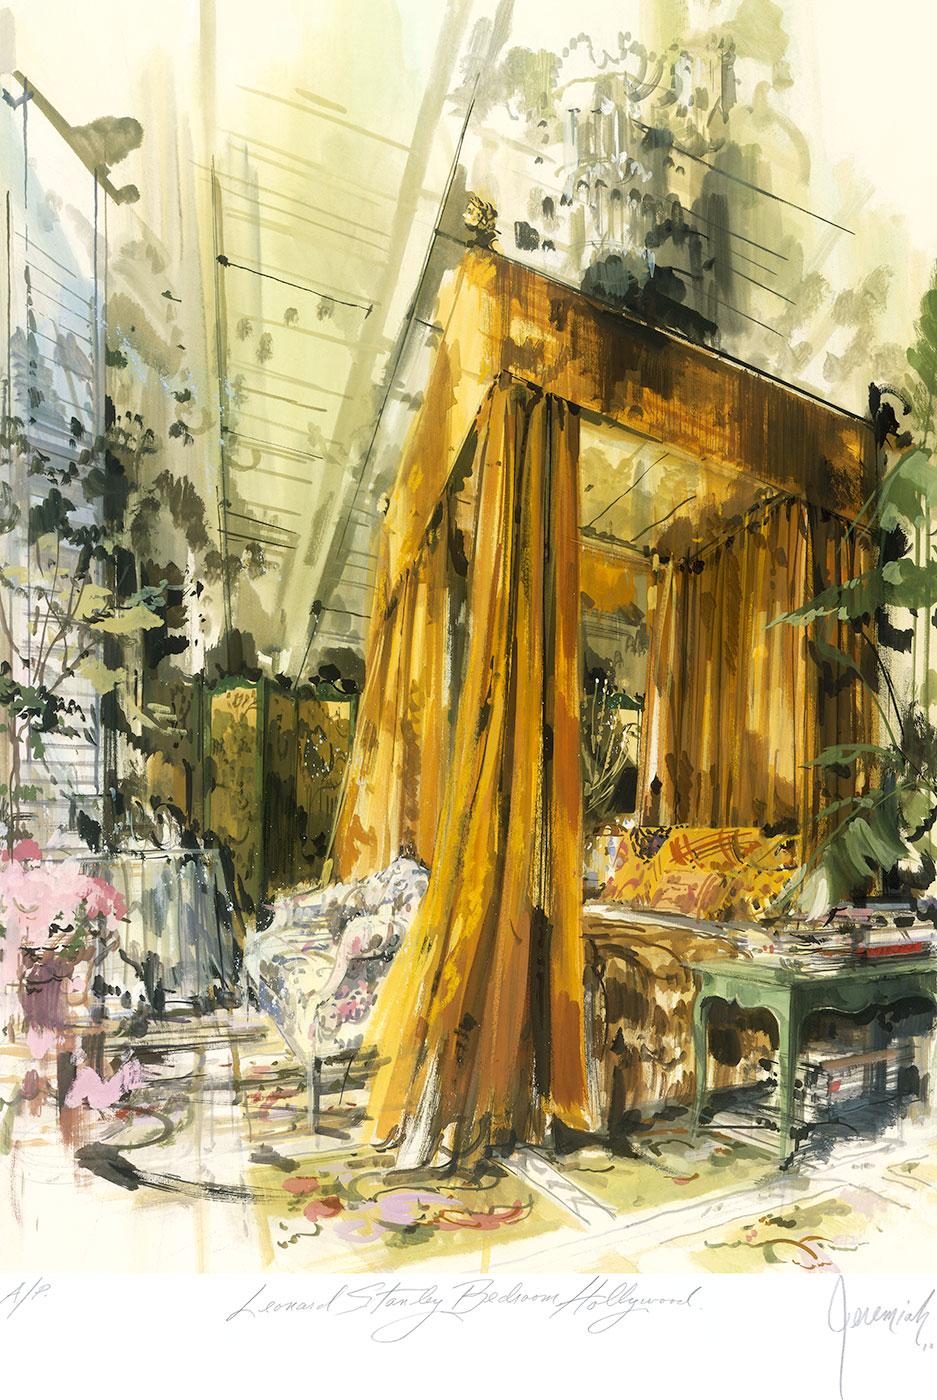 Leonard Stanley's Beverly Hills bedroom